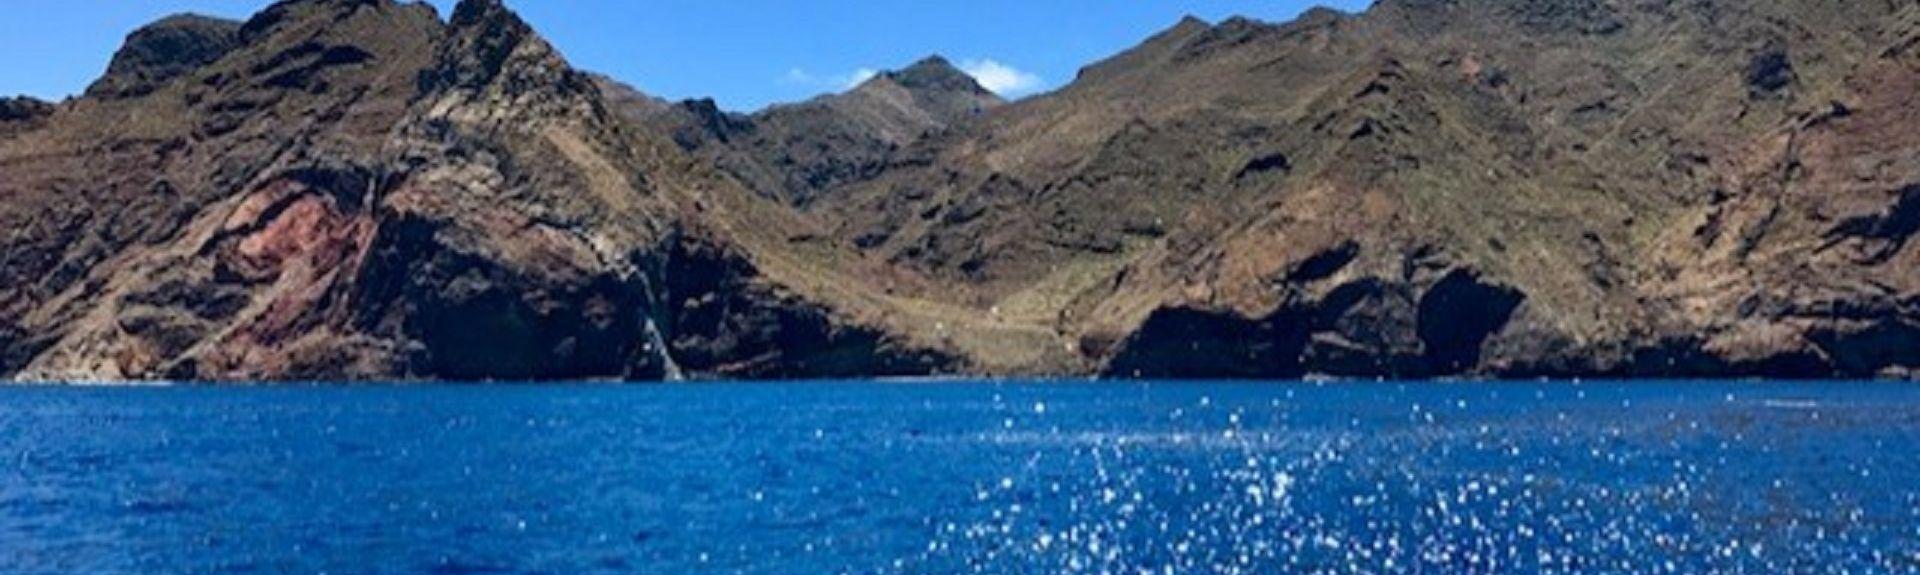 La Guancha, Îles Canaries, Espagne